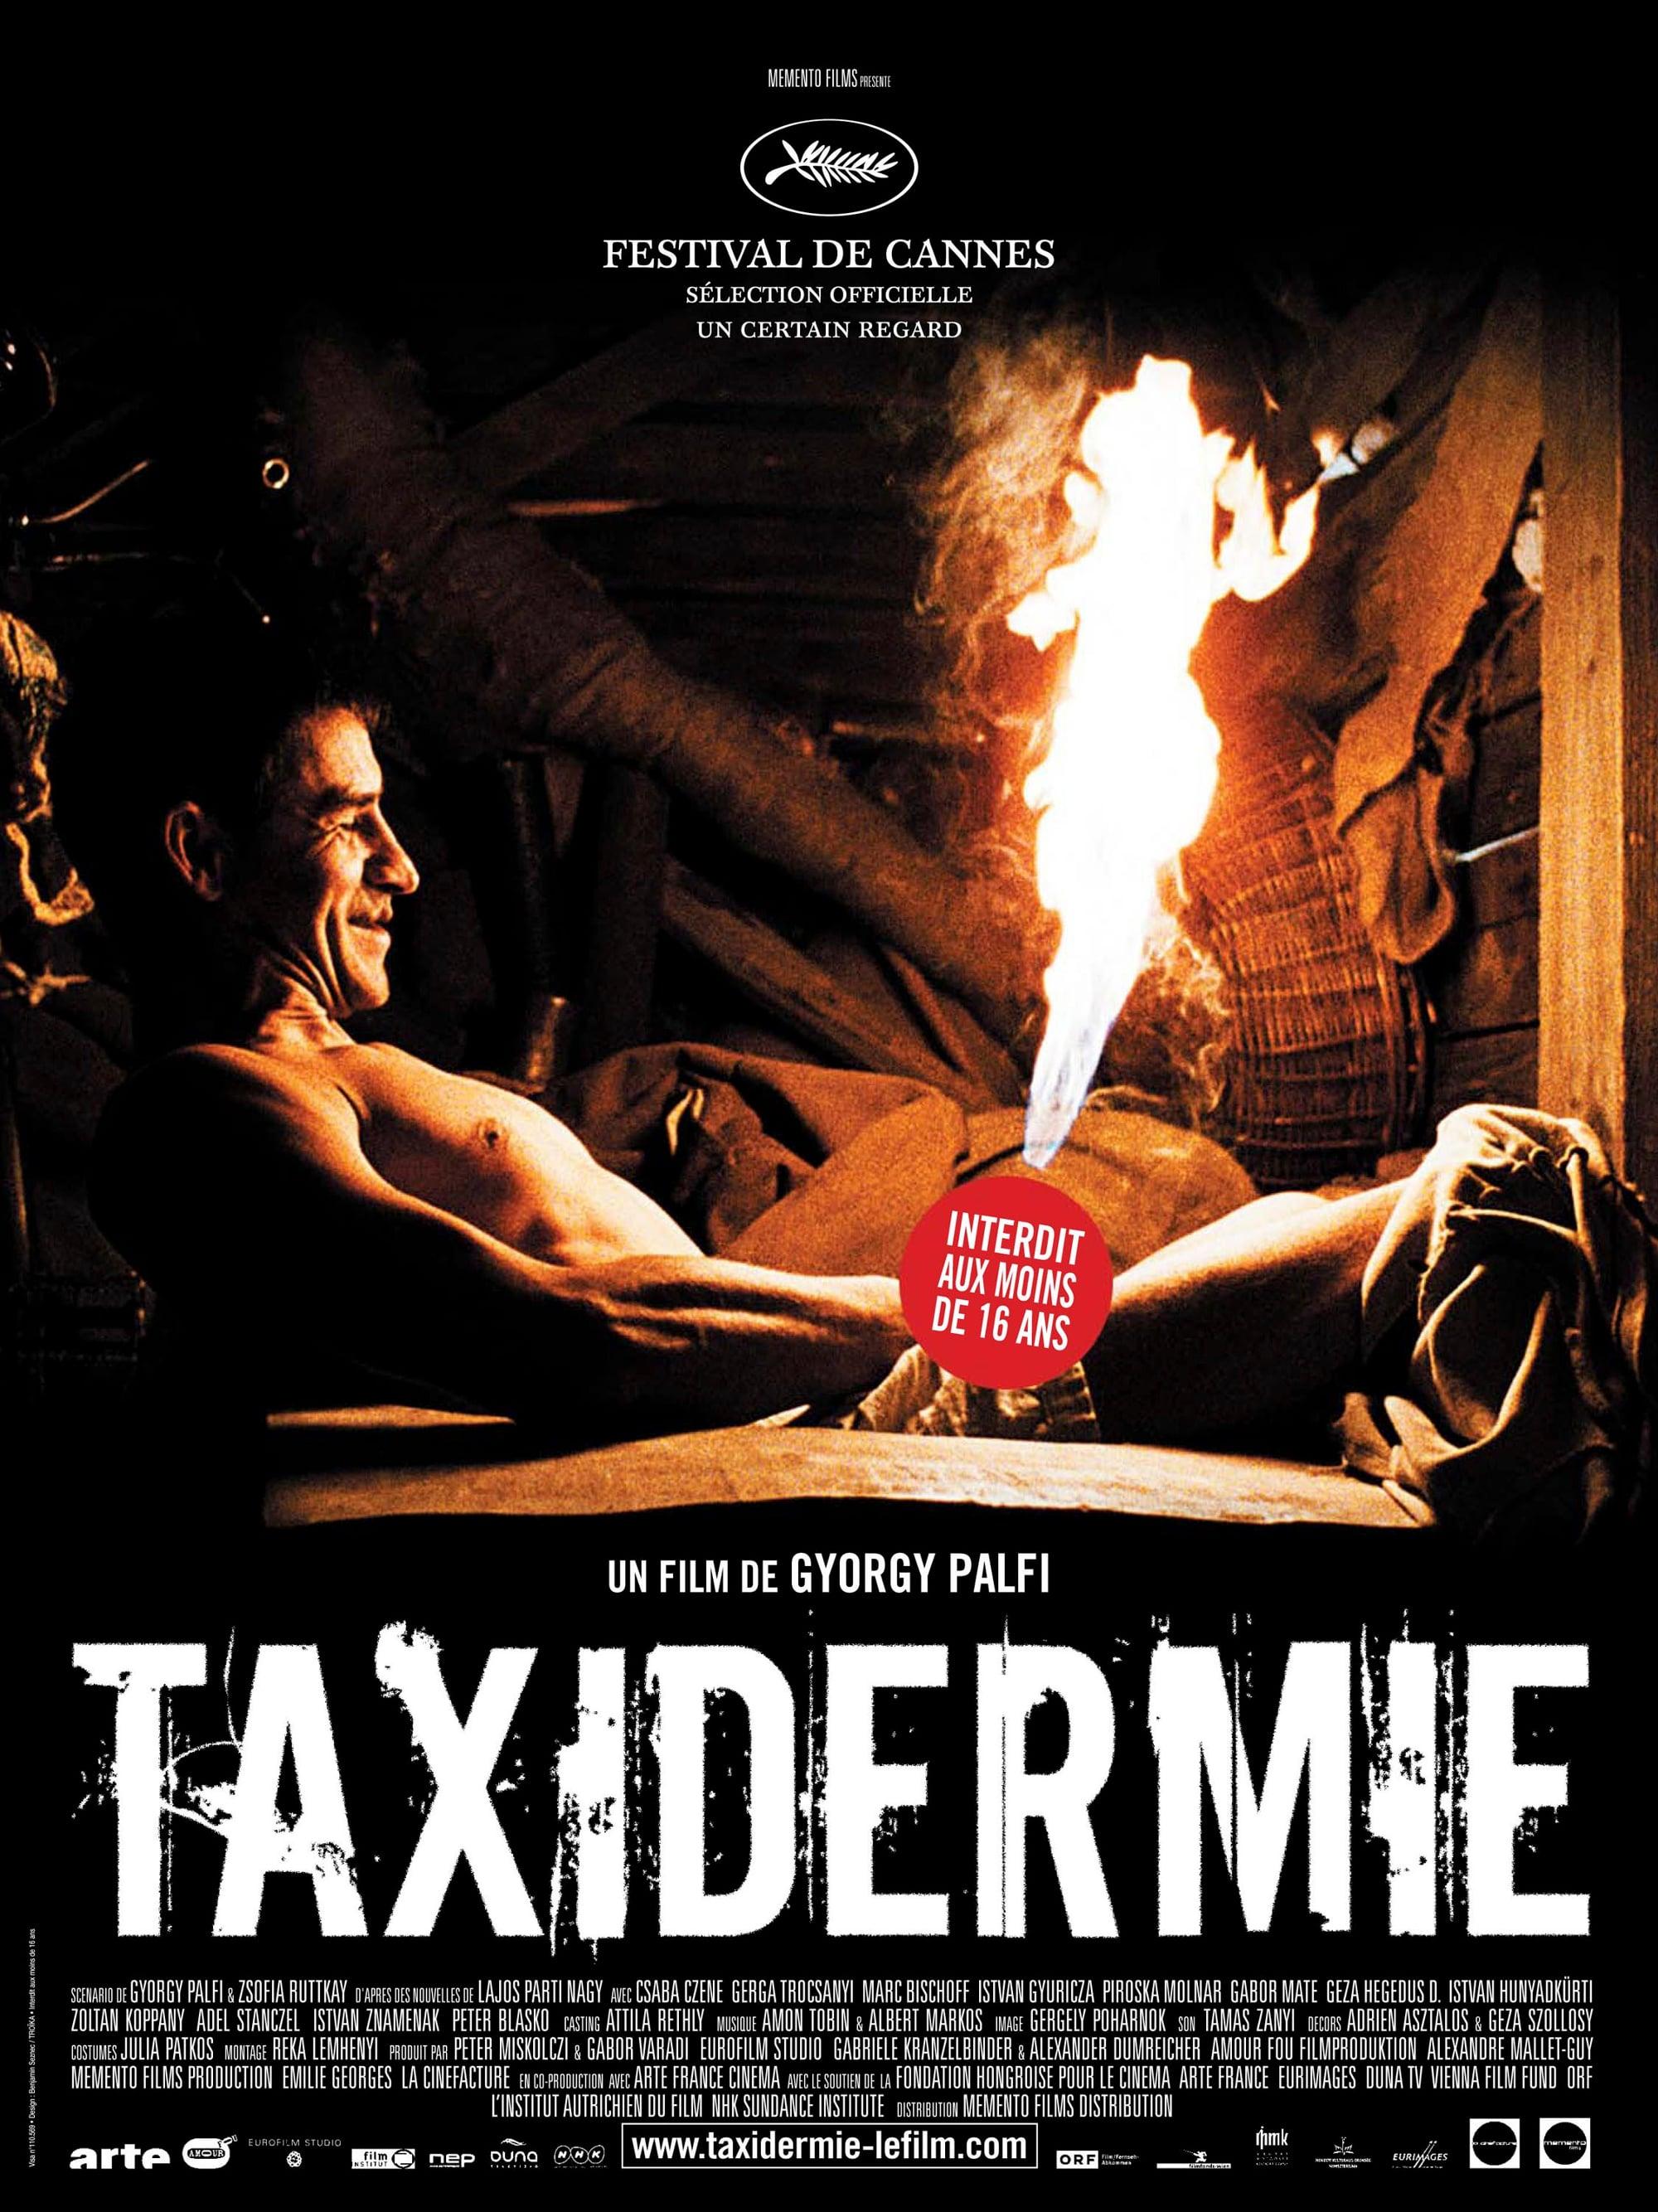 affiche du film Taxidermie